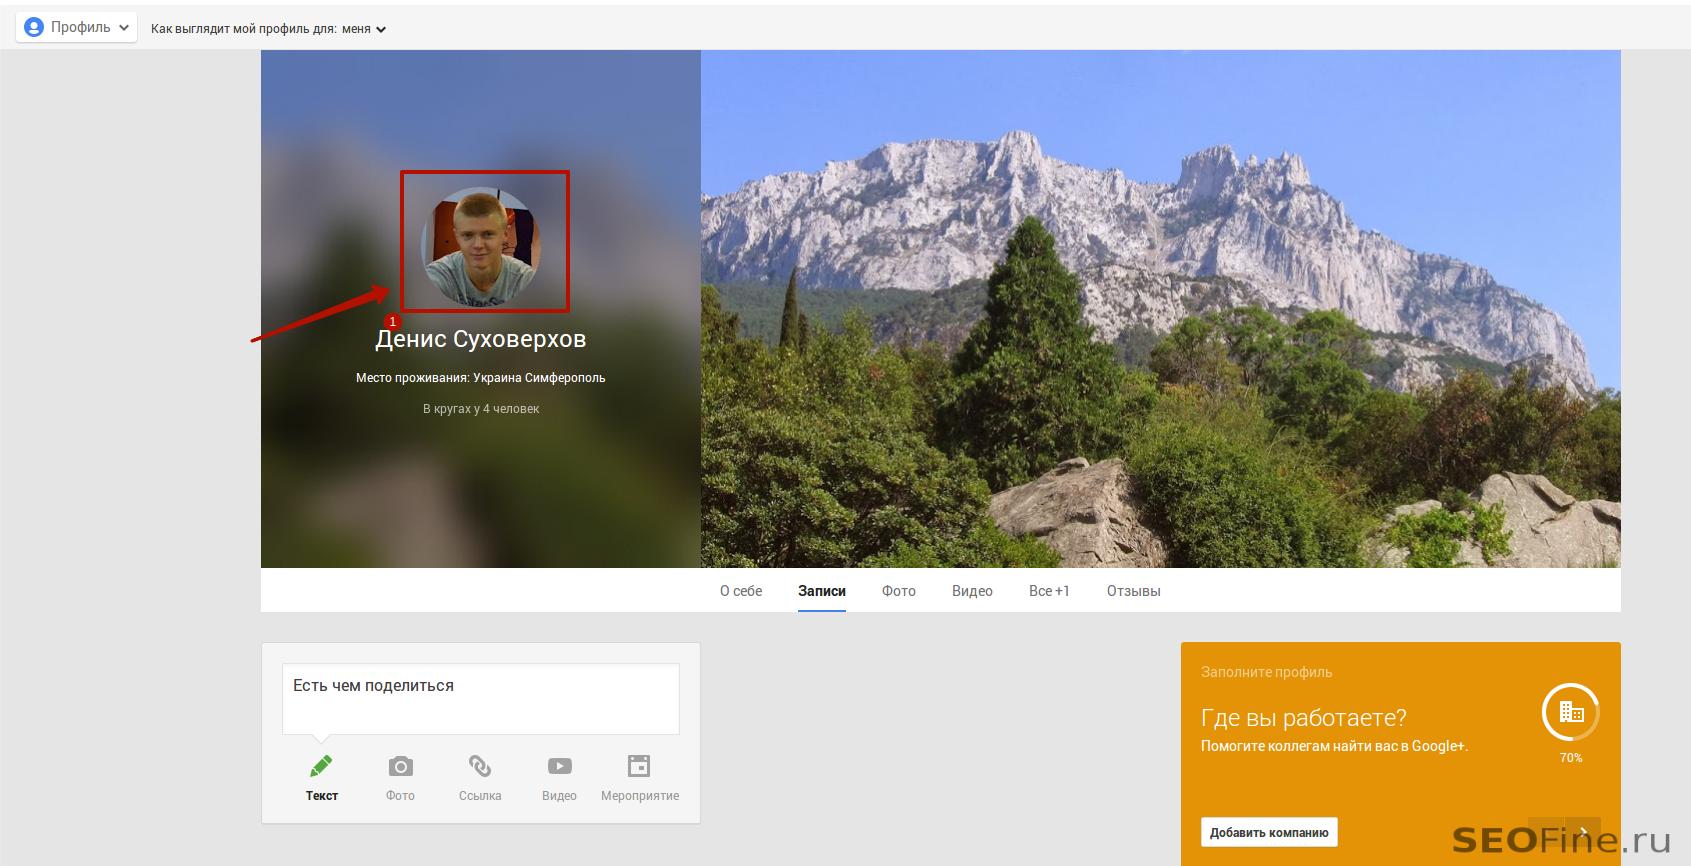 Мой профиль в Google+